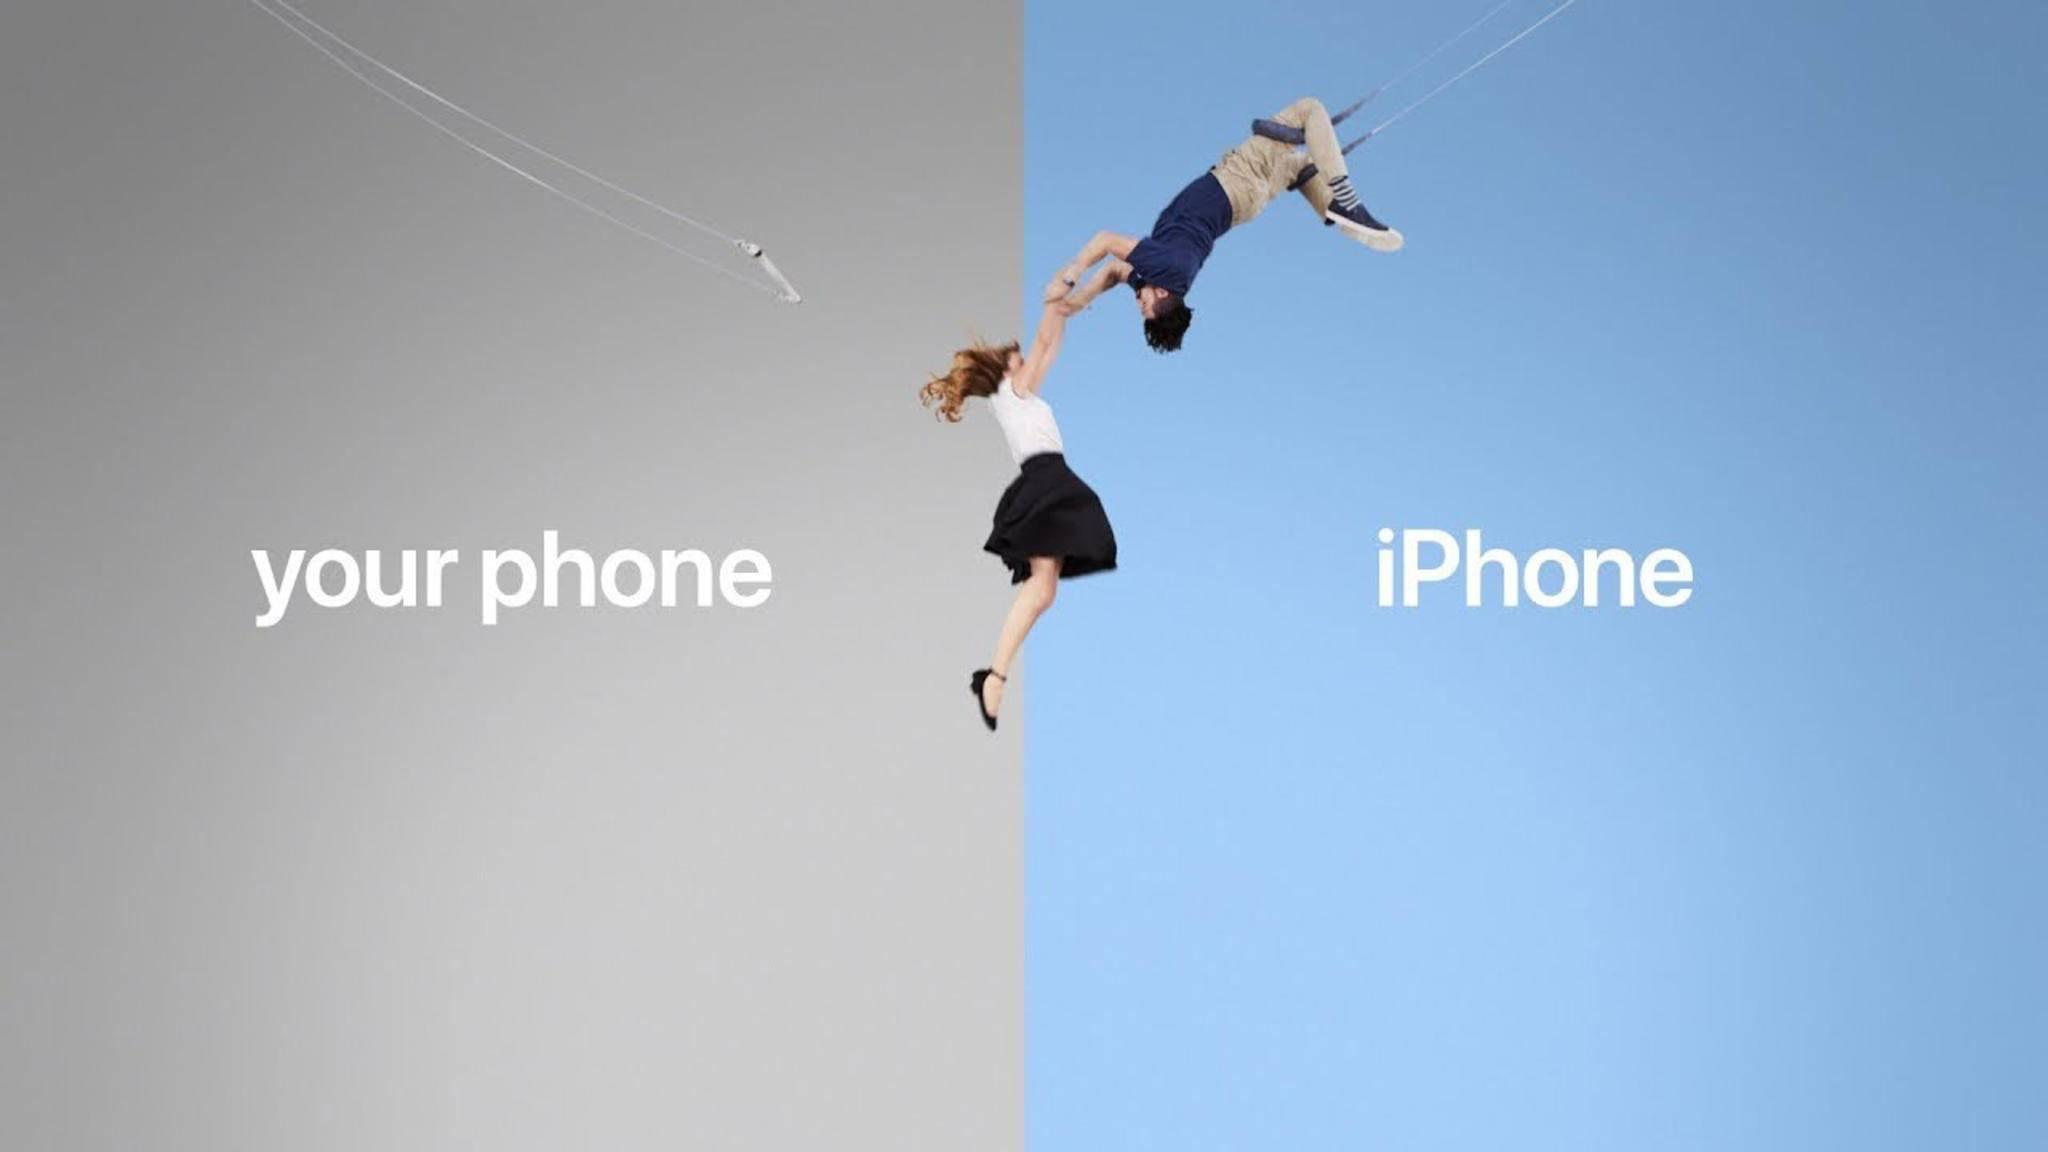 Probleme mit Move to iOS? Wir helfen!